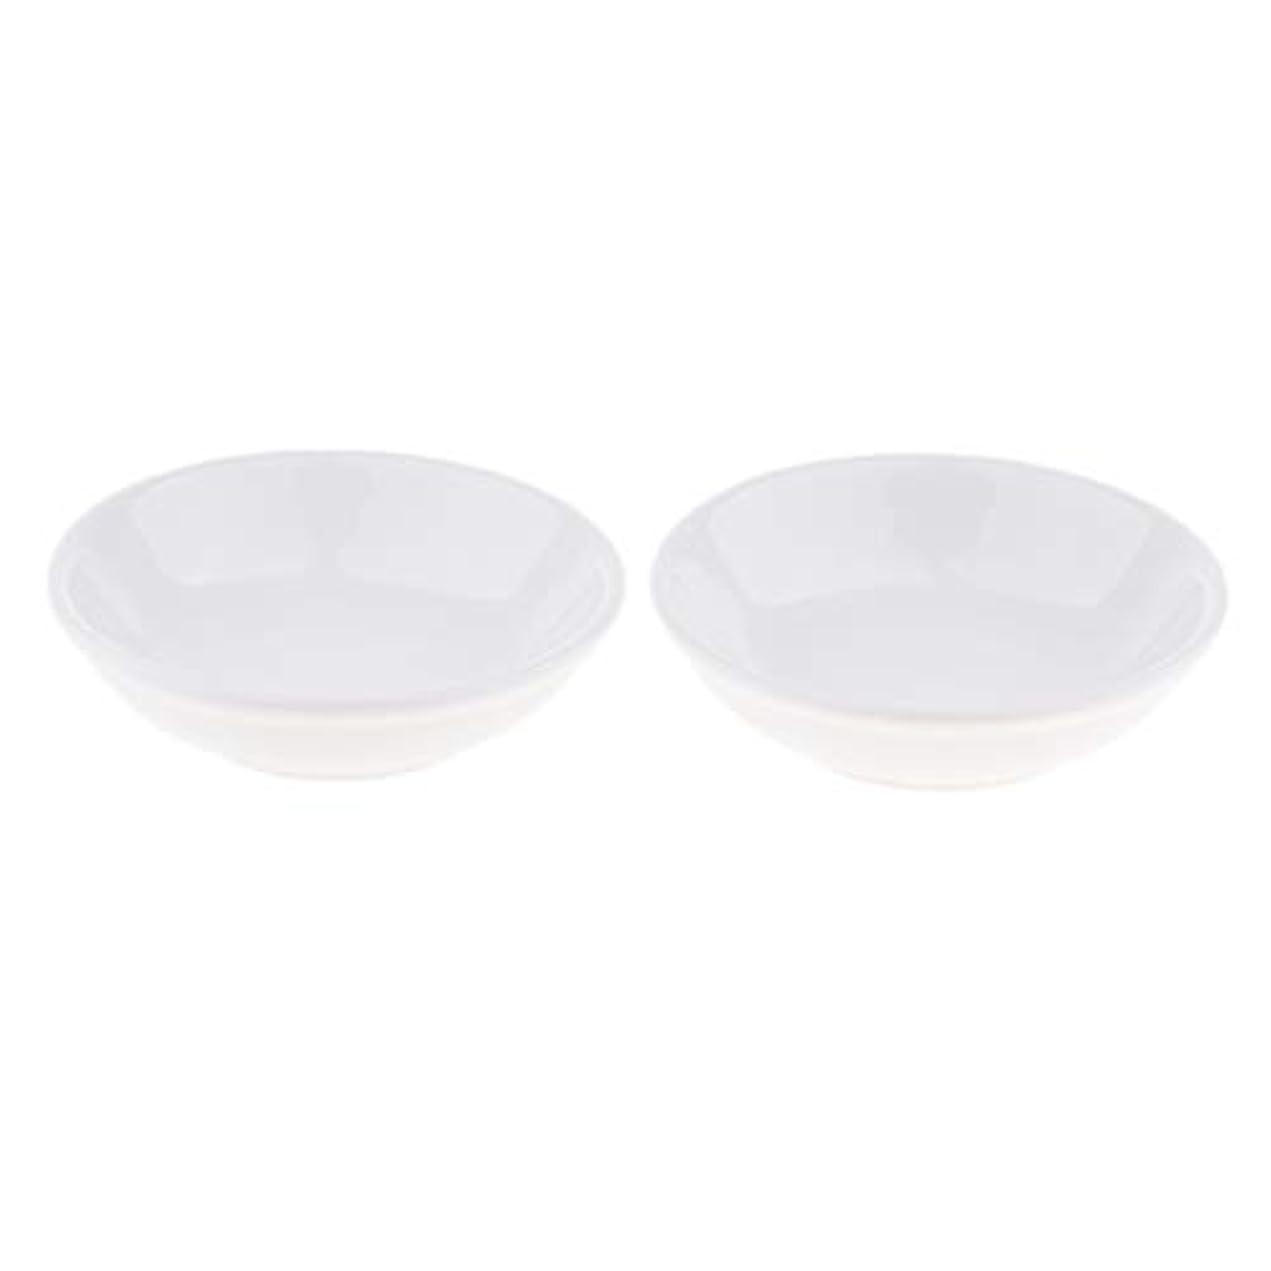 消化器麻痺させるおもちゃディッシュ 皿 セラミック オイルウォーマー 取り替え用 装飾 置物 2個入